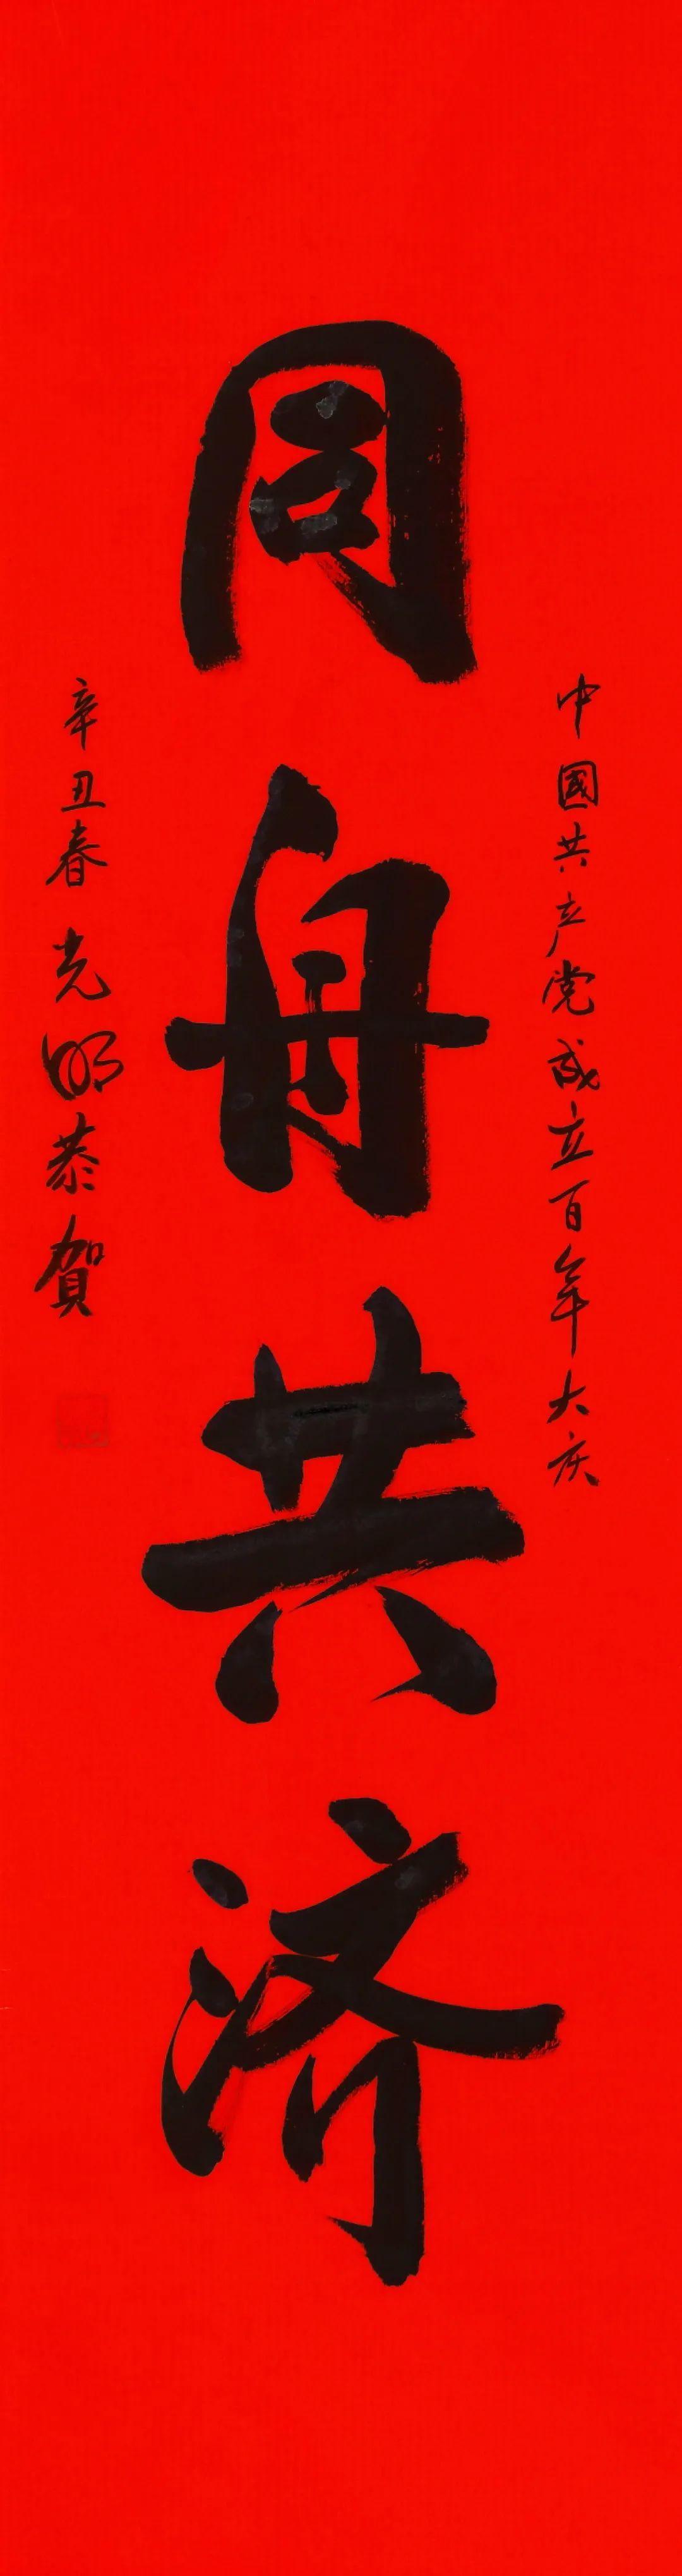 广东省佛教协会常务副会长、广州市佛教协会名誉会长、广州市华林禅寺方丈光明大和尚